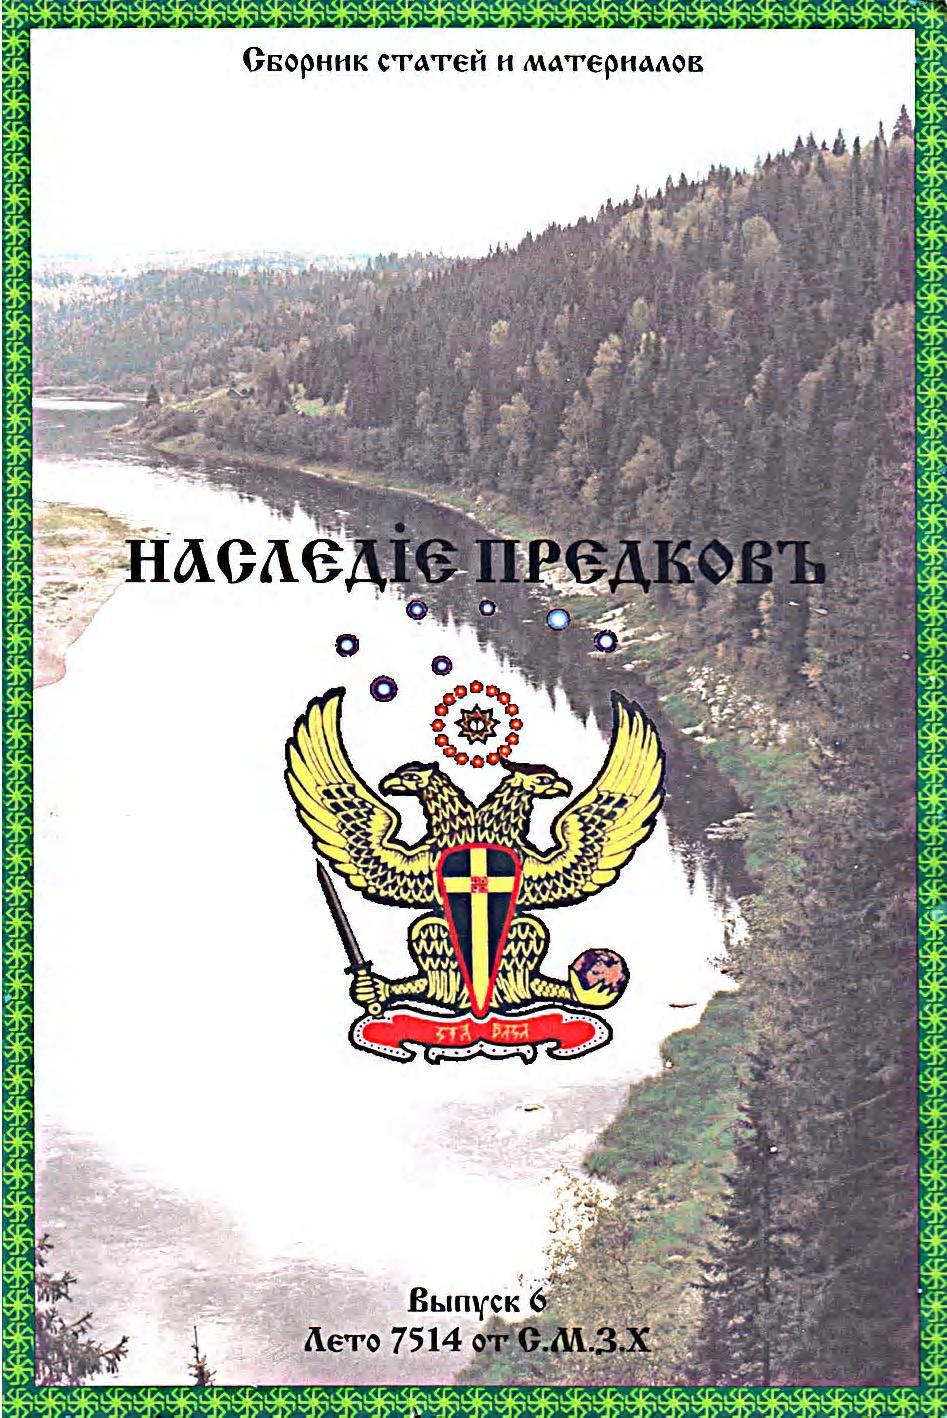 """Журнал """"Наследiе Предковъ"""". Выпуск 6."""